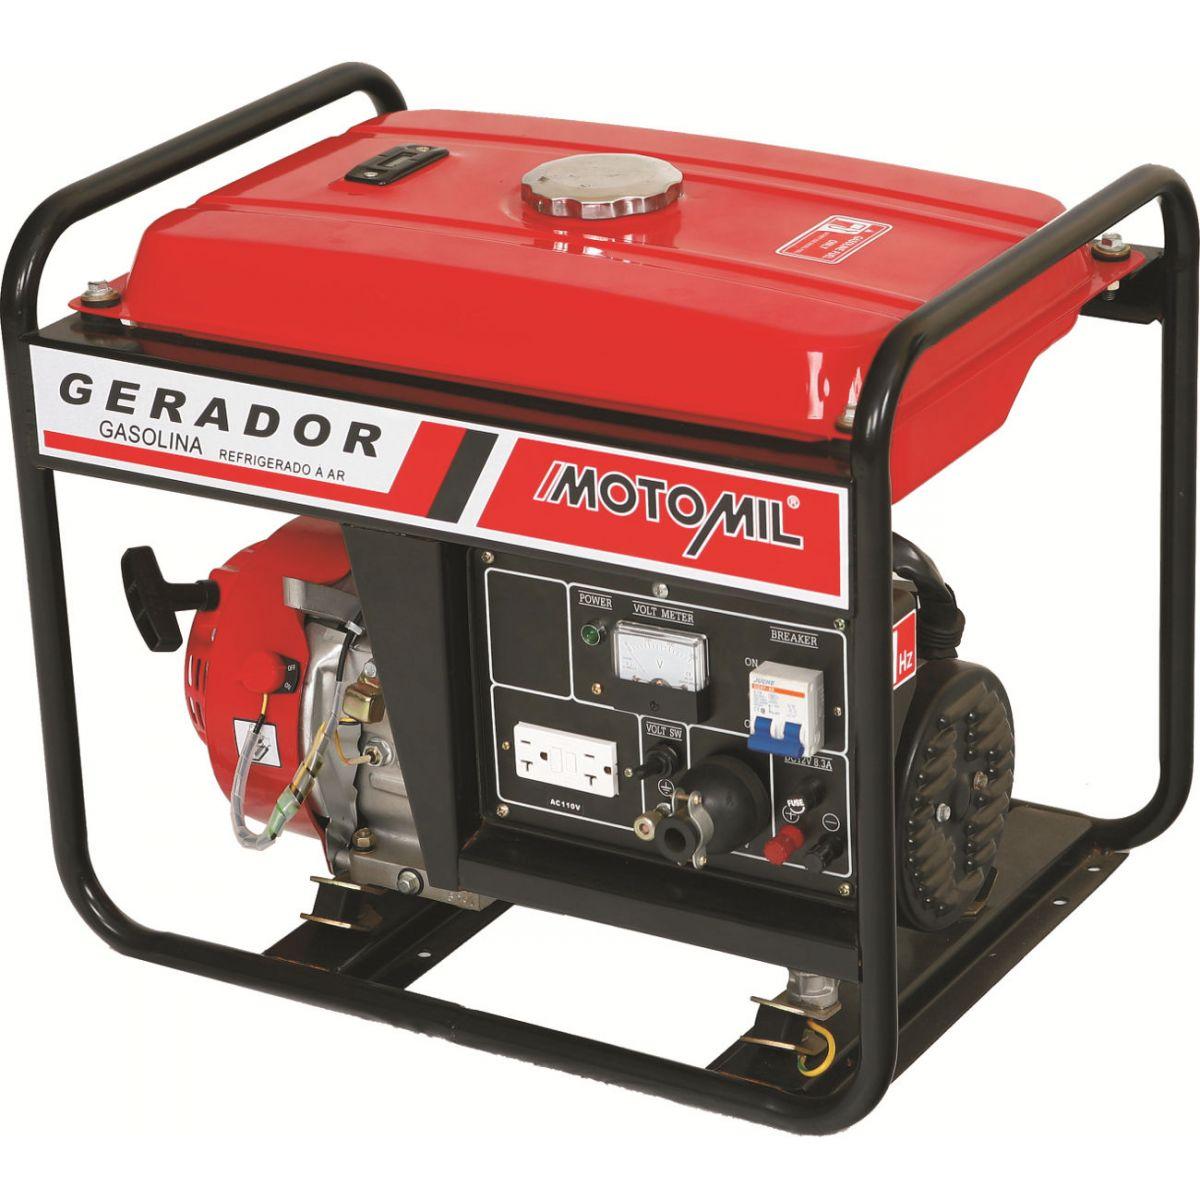 REEMBALADO: Gerador a Gasolina 4 Tempos 5000W MG-5000CL - Motomil